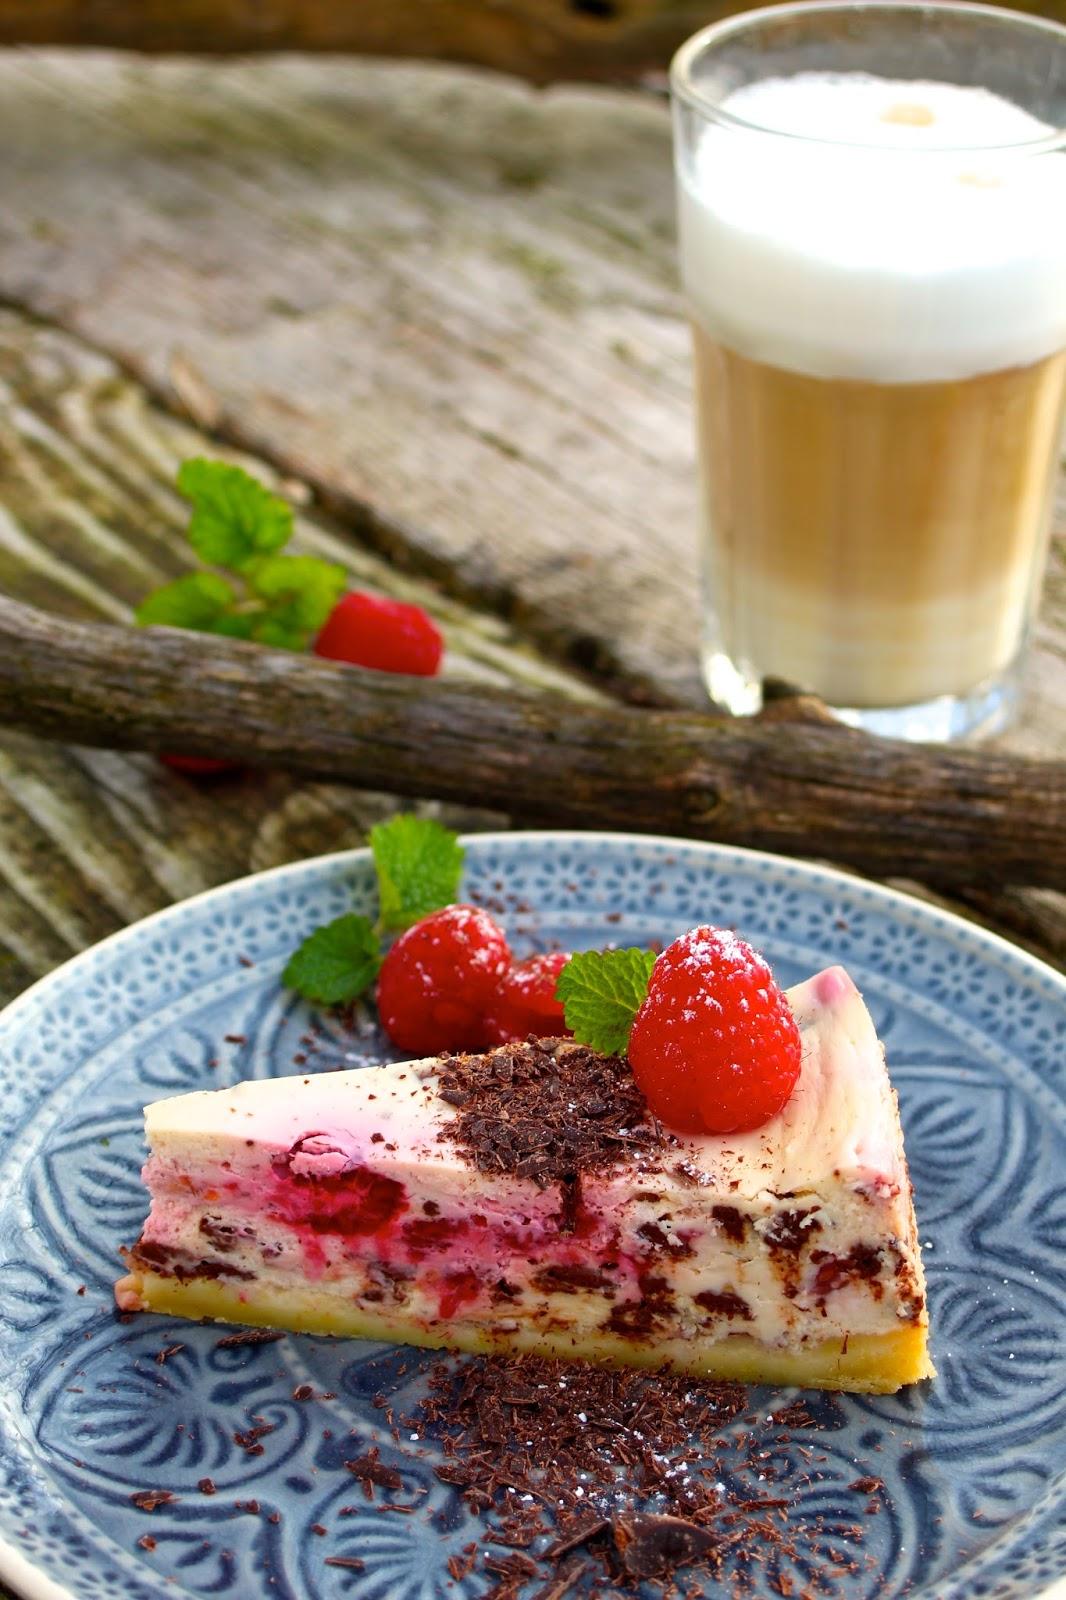 Köstlicher-Cheesecake-verfeinert-mit-Himbeeren-und-Schokolade